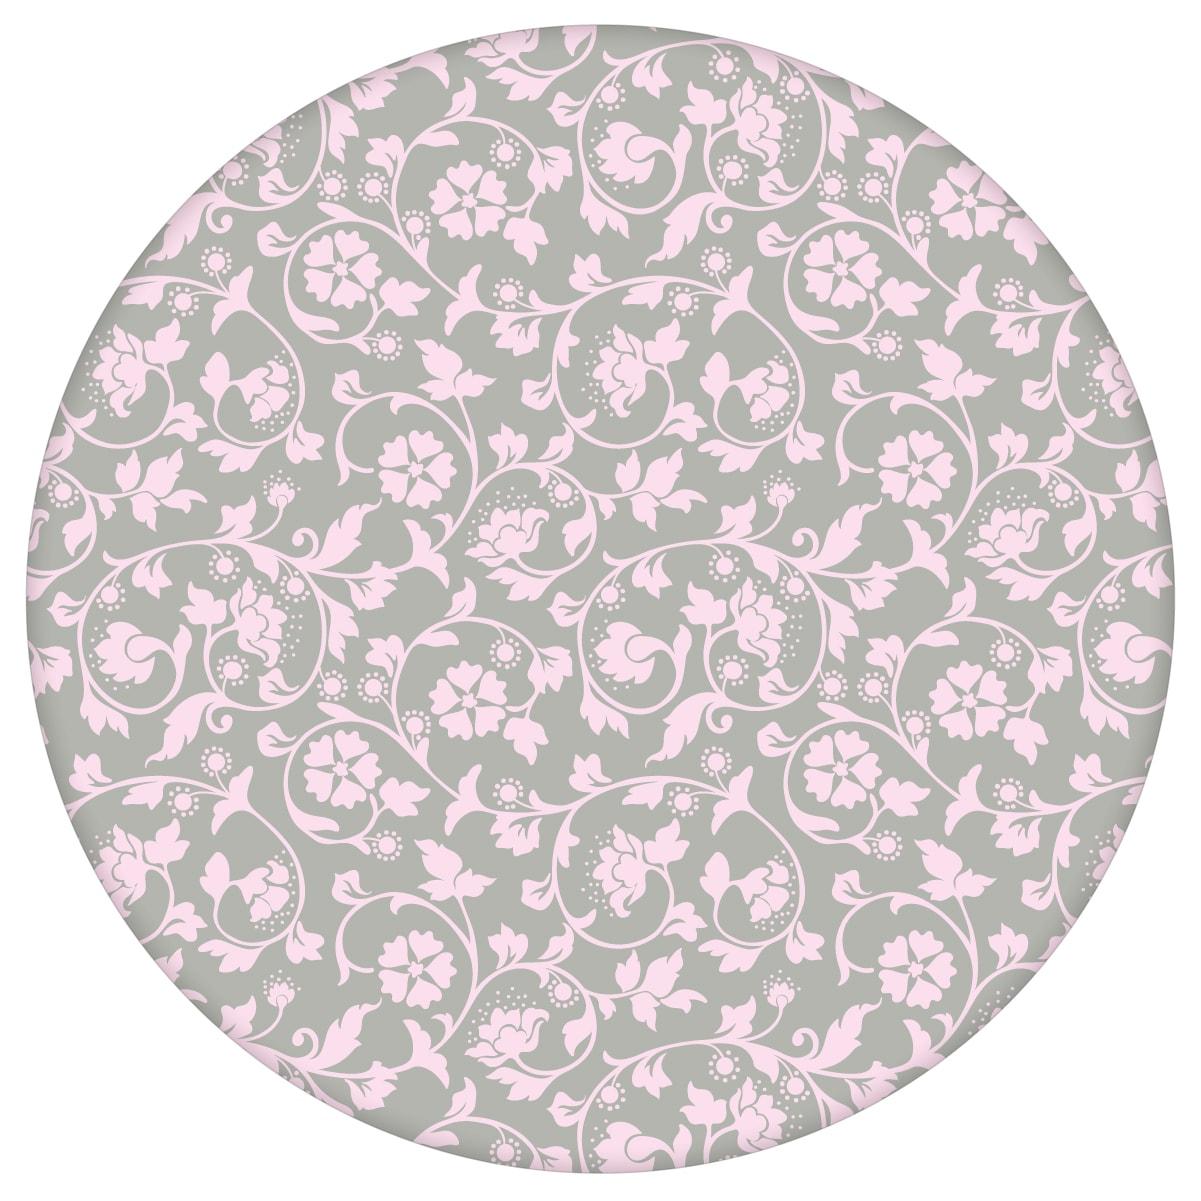 Ranken Ornamenttapete Kemenaten Zauber mit Blumen in grau - Nostalgietapete für Flur, Büro aus den Tapeten Neuheiten Blumentapeten und Borten als Naturaltouch Luxus Vliestapete oder Basic Vliestapete